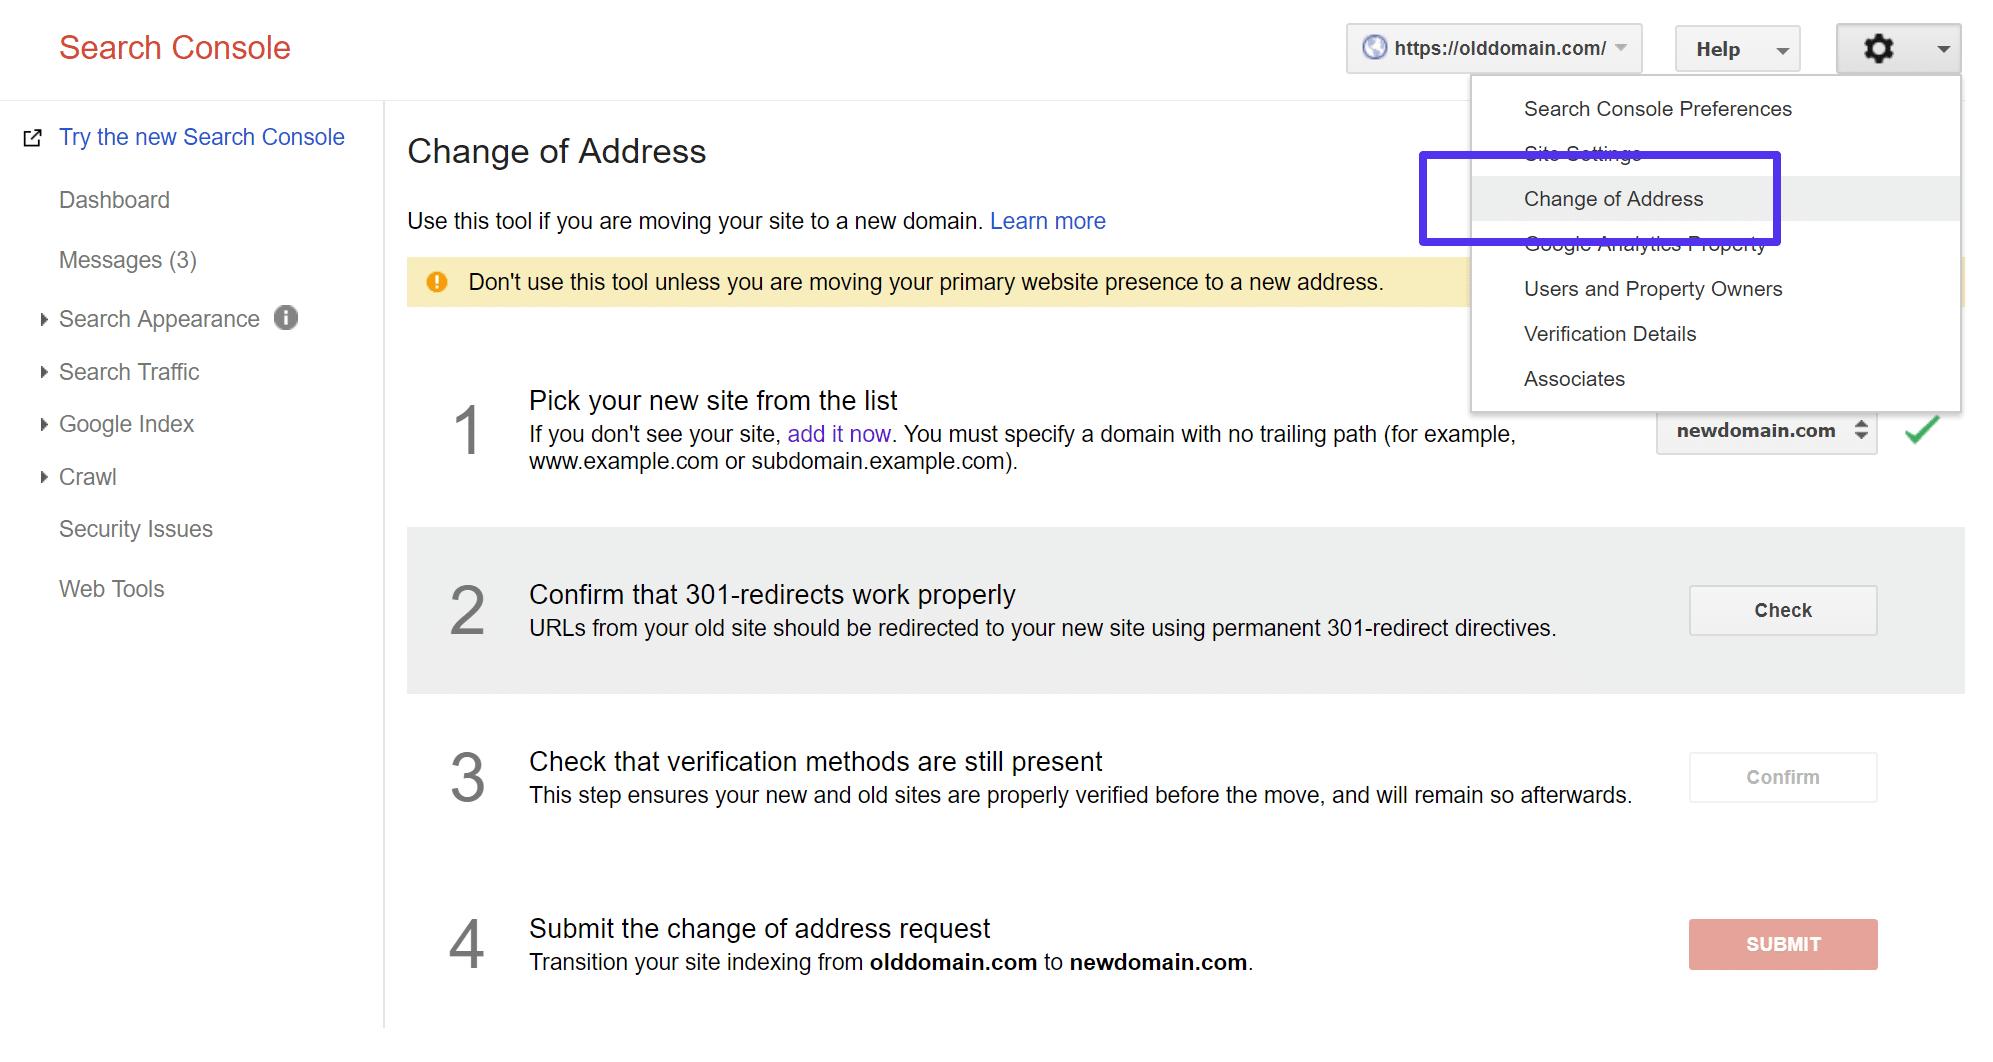 Mudança de endereço com a Consola de Pesquisa Google